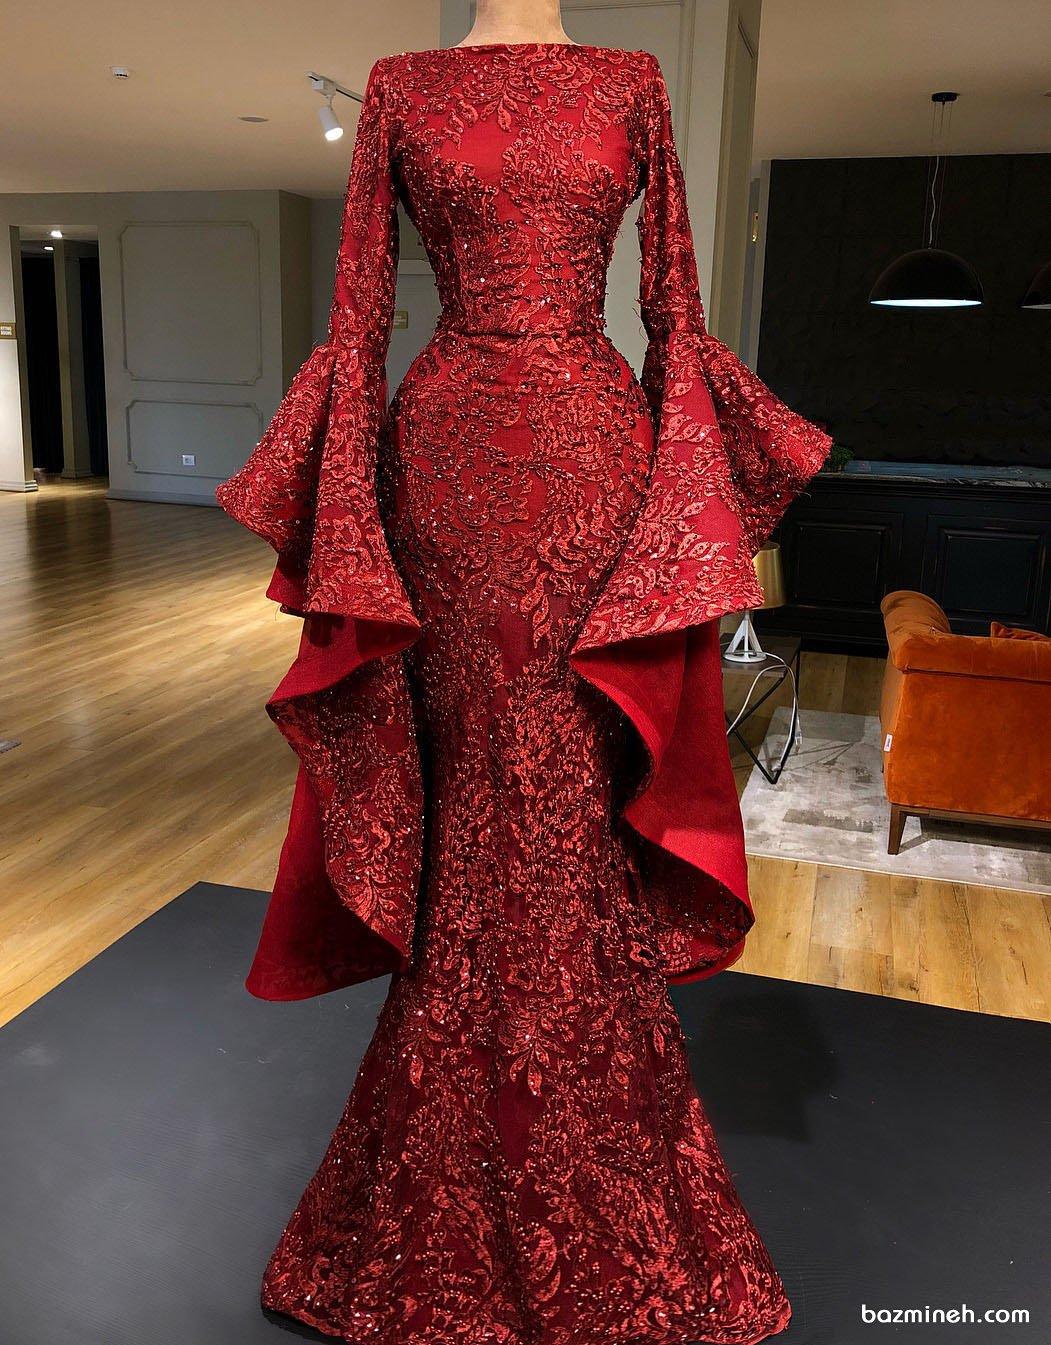 لباس نامزدی ماکسی قرمز رنگ سنگدوزی شده با دامن مدل ماهی و آستین های کلوش جدا مدلی خاص و زیبا